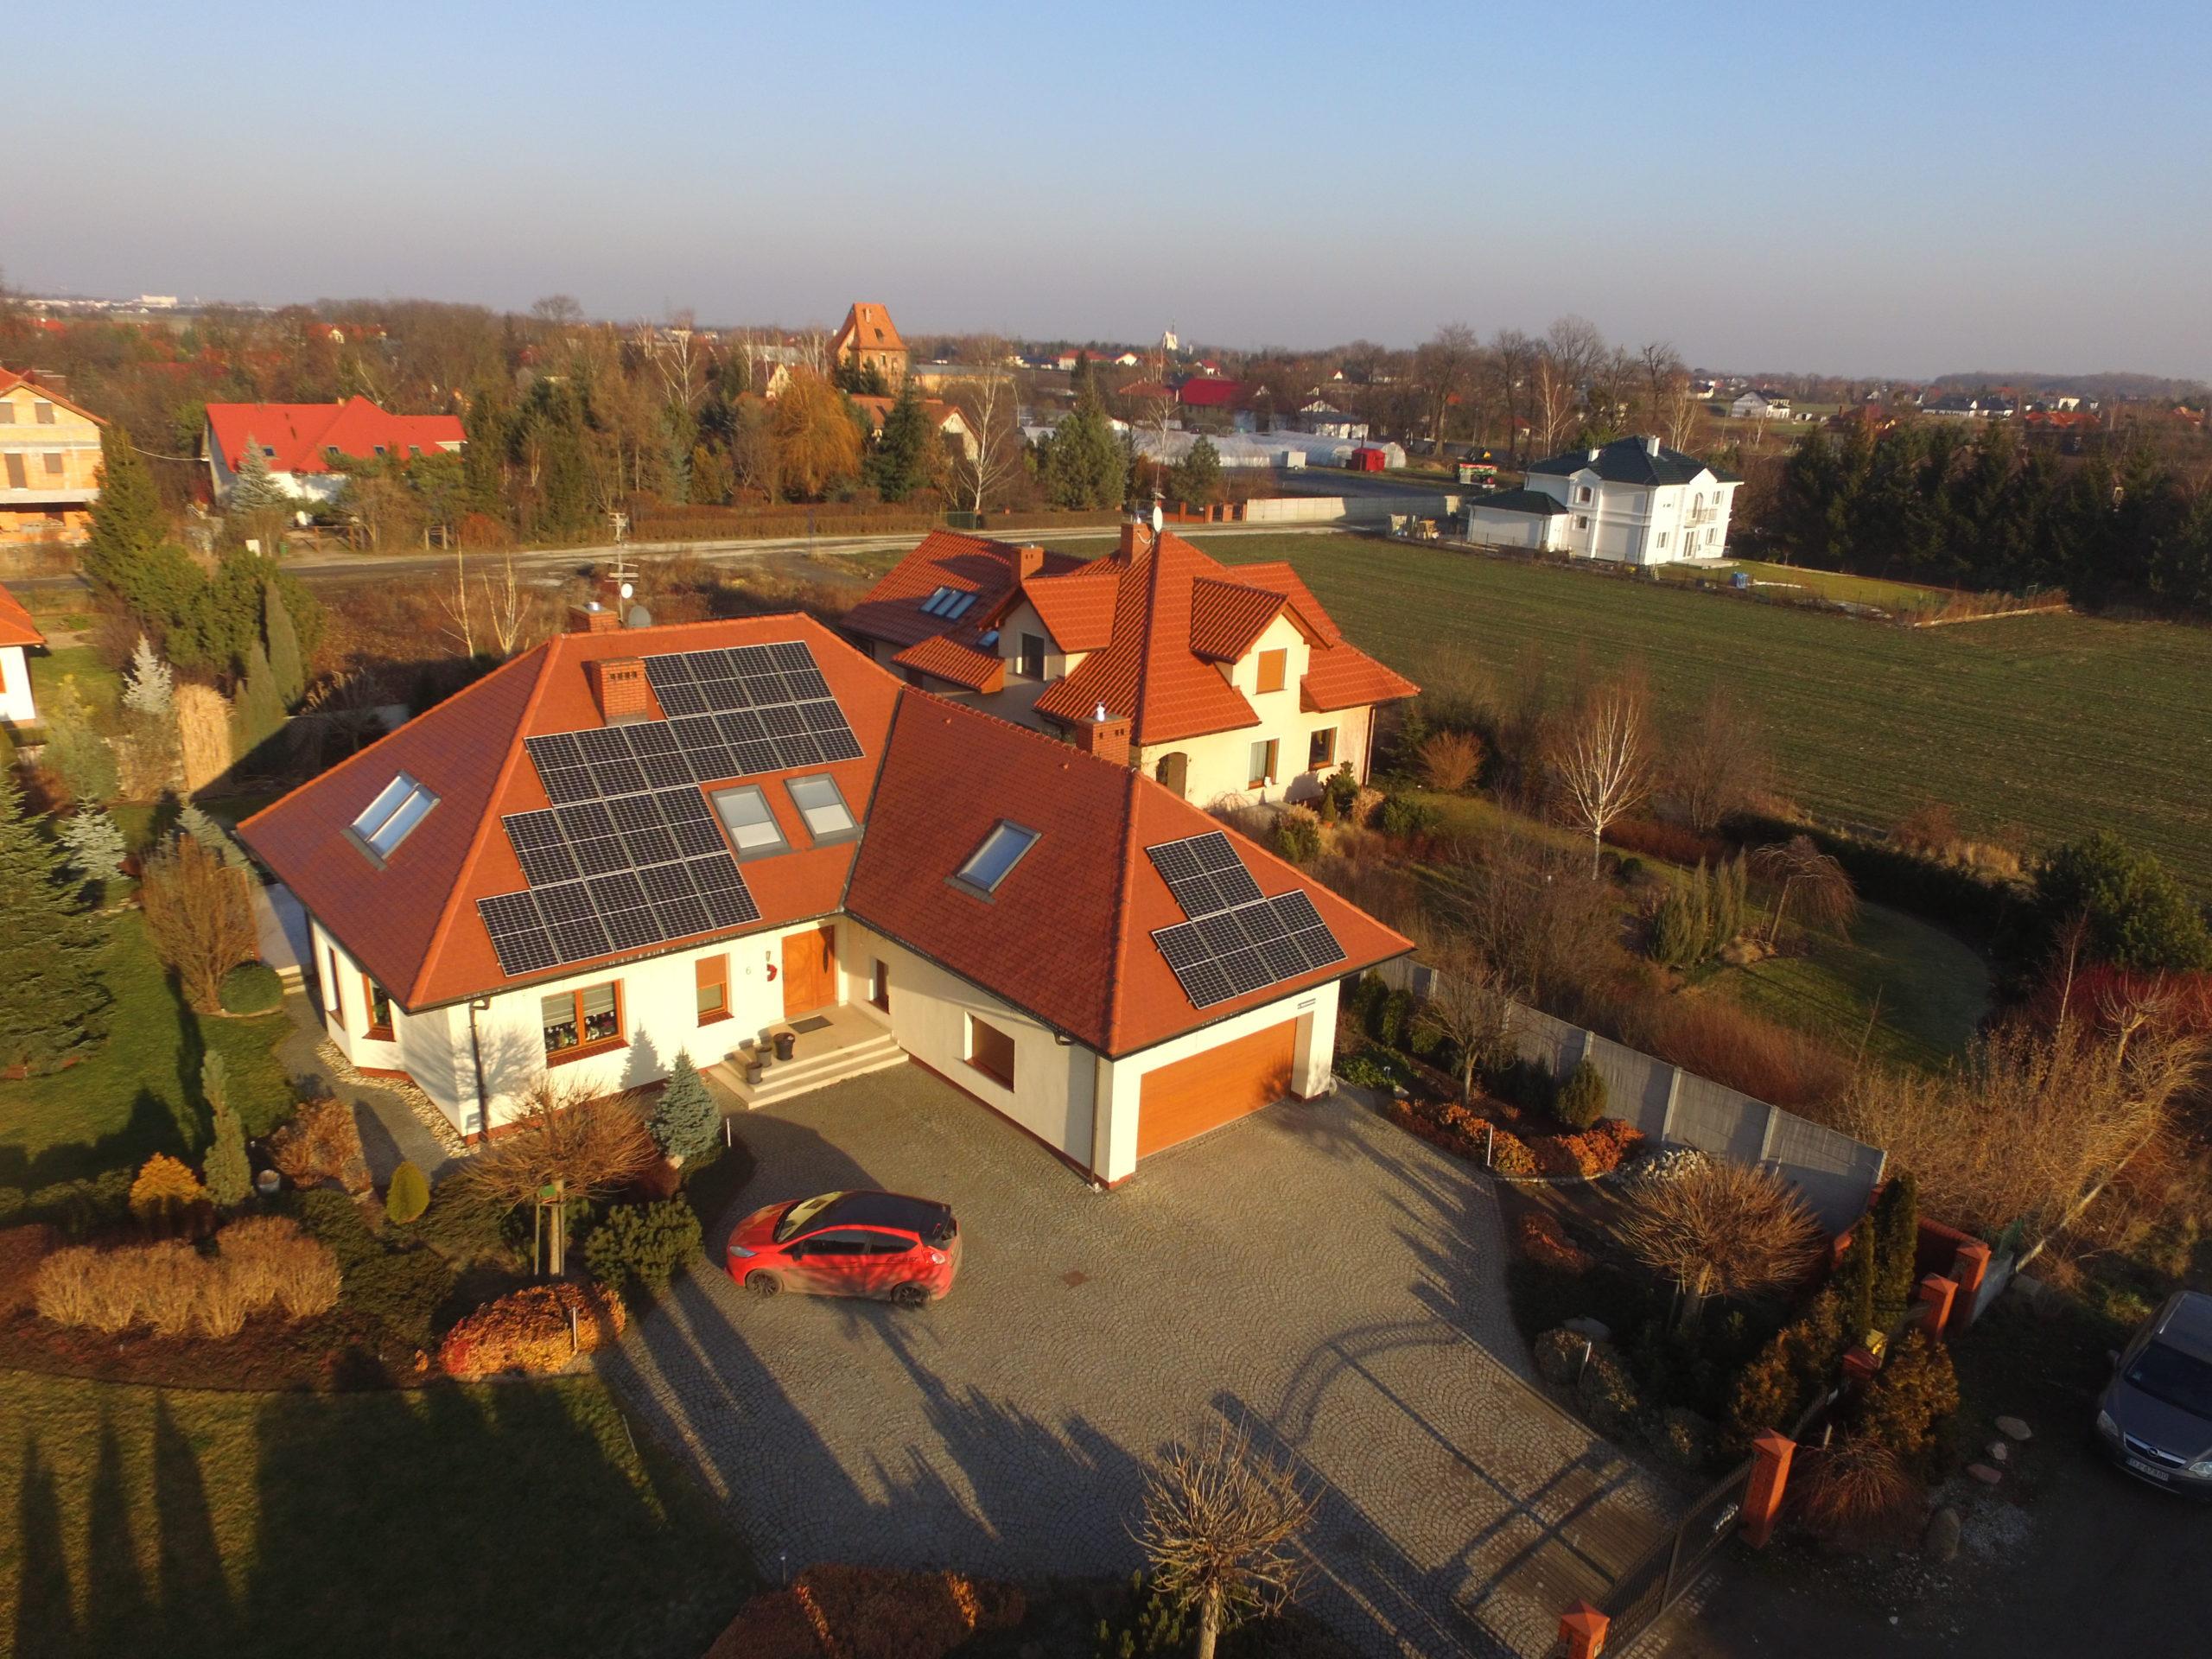 Instalacja fotowoltaiczna o mocy 8 kWp na budynku mieszkalnym, Biestrzyków